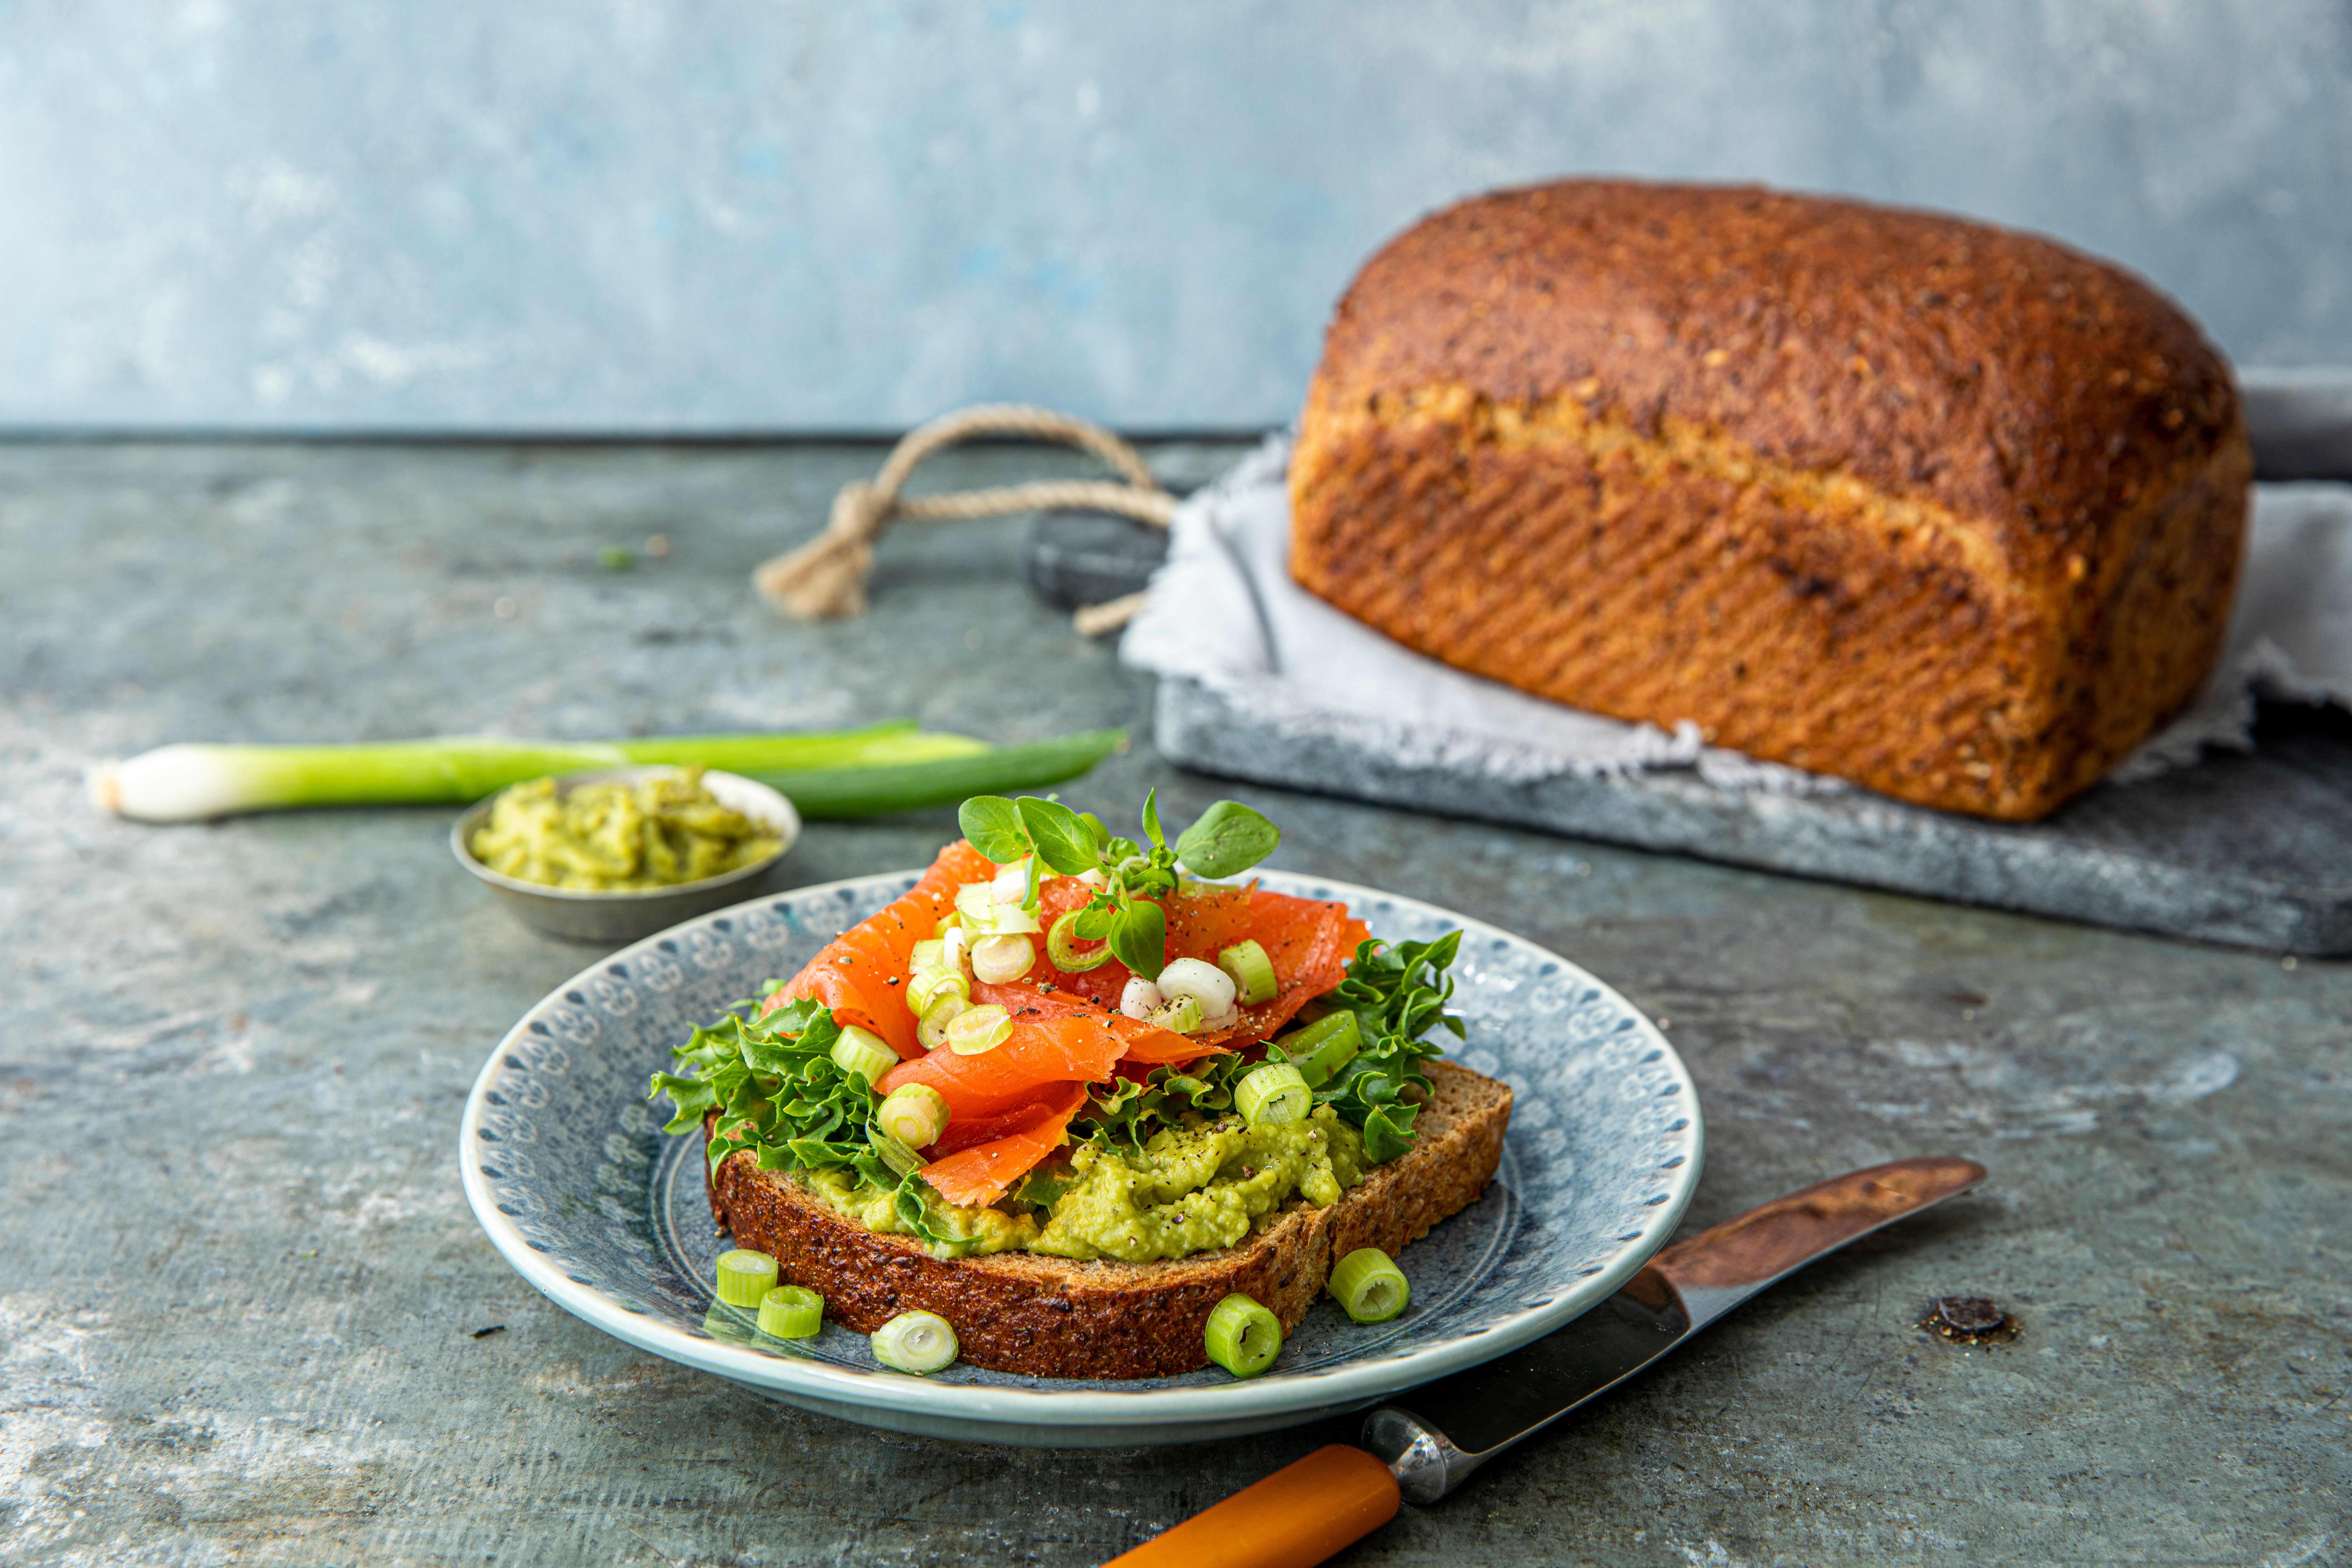 Våre groveste Markabrød med guacamole, røkelaks vårløk og salat. Foto: Sara Johannessen